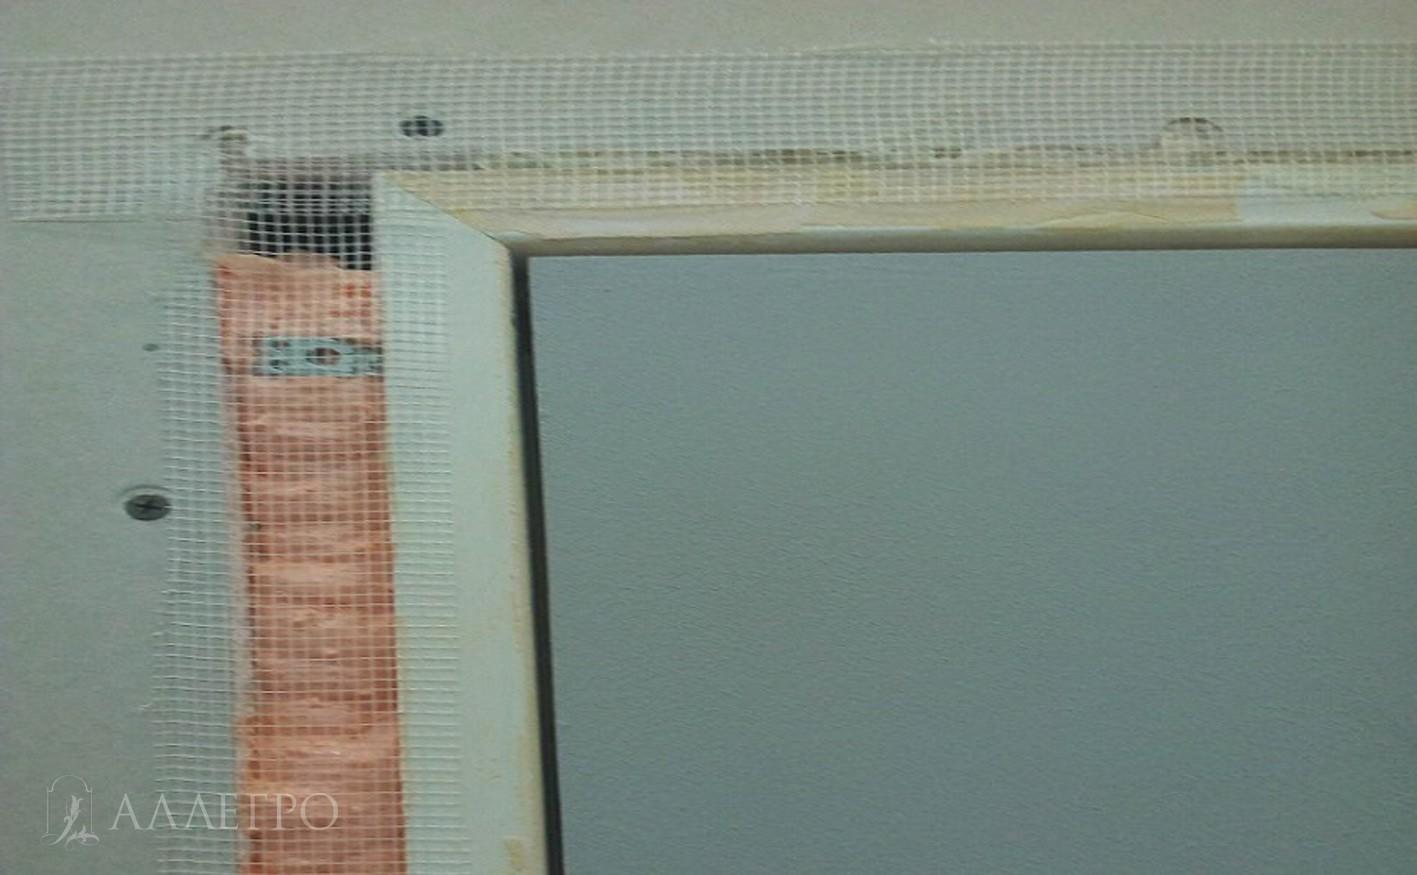 ШАГ3б Наклеиваем серпянку. Она поможет качественно нанести отделочные материалы